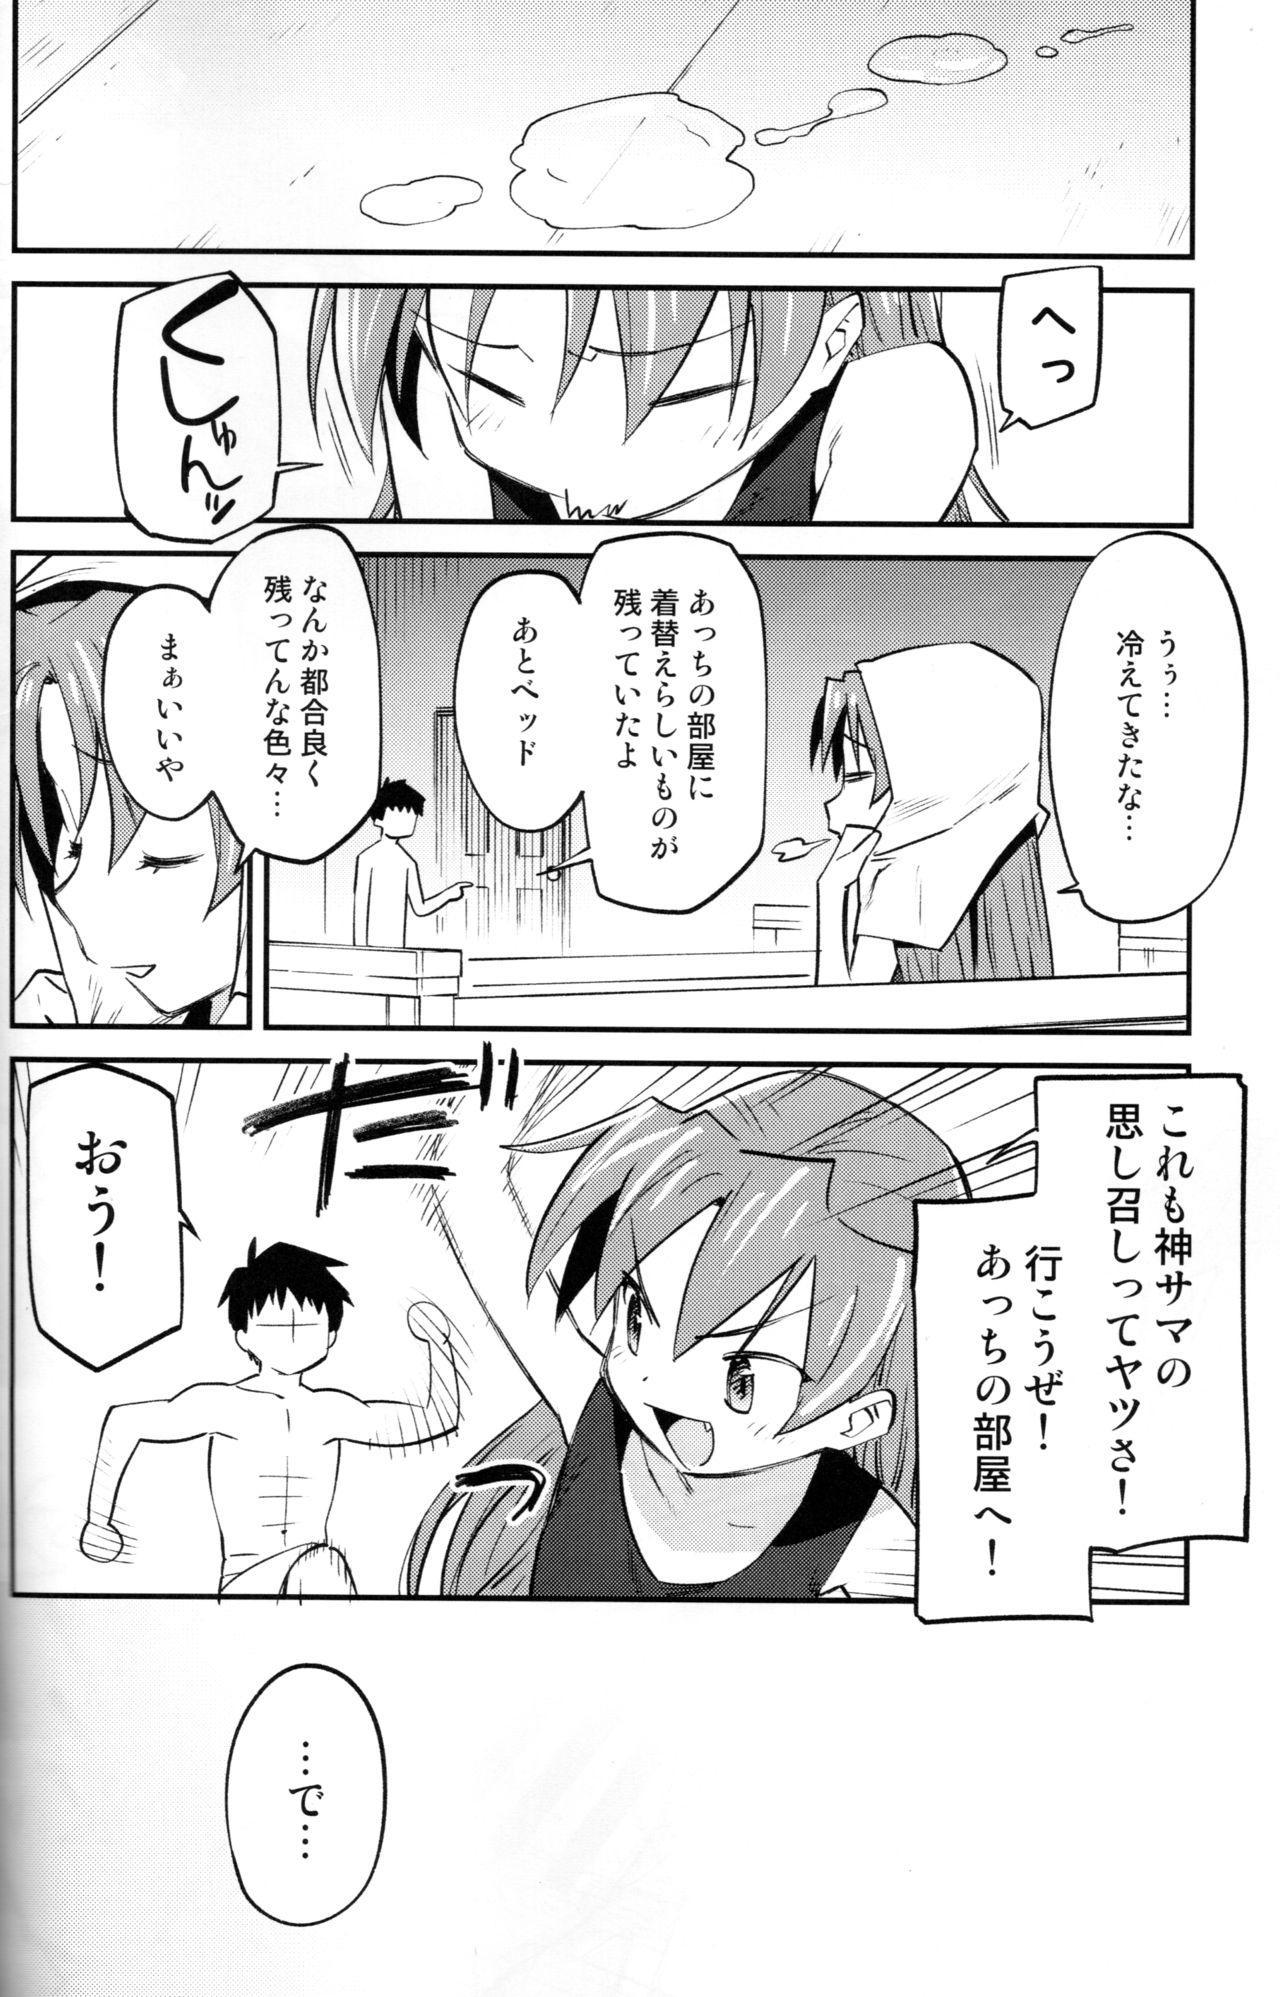 Kyouko to Are Suru Hon 3 14